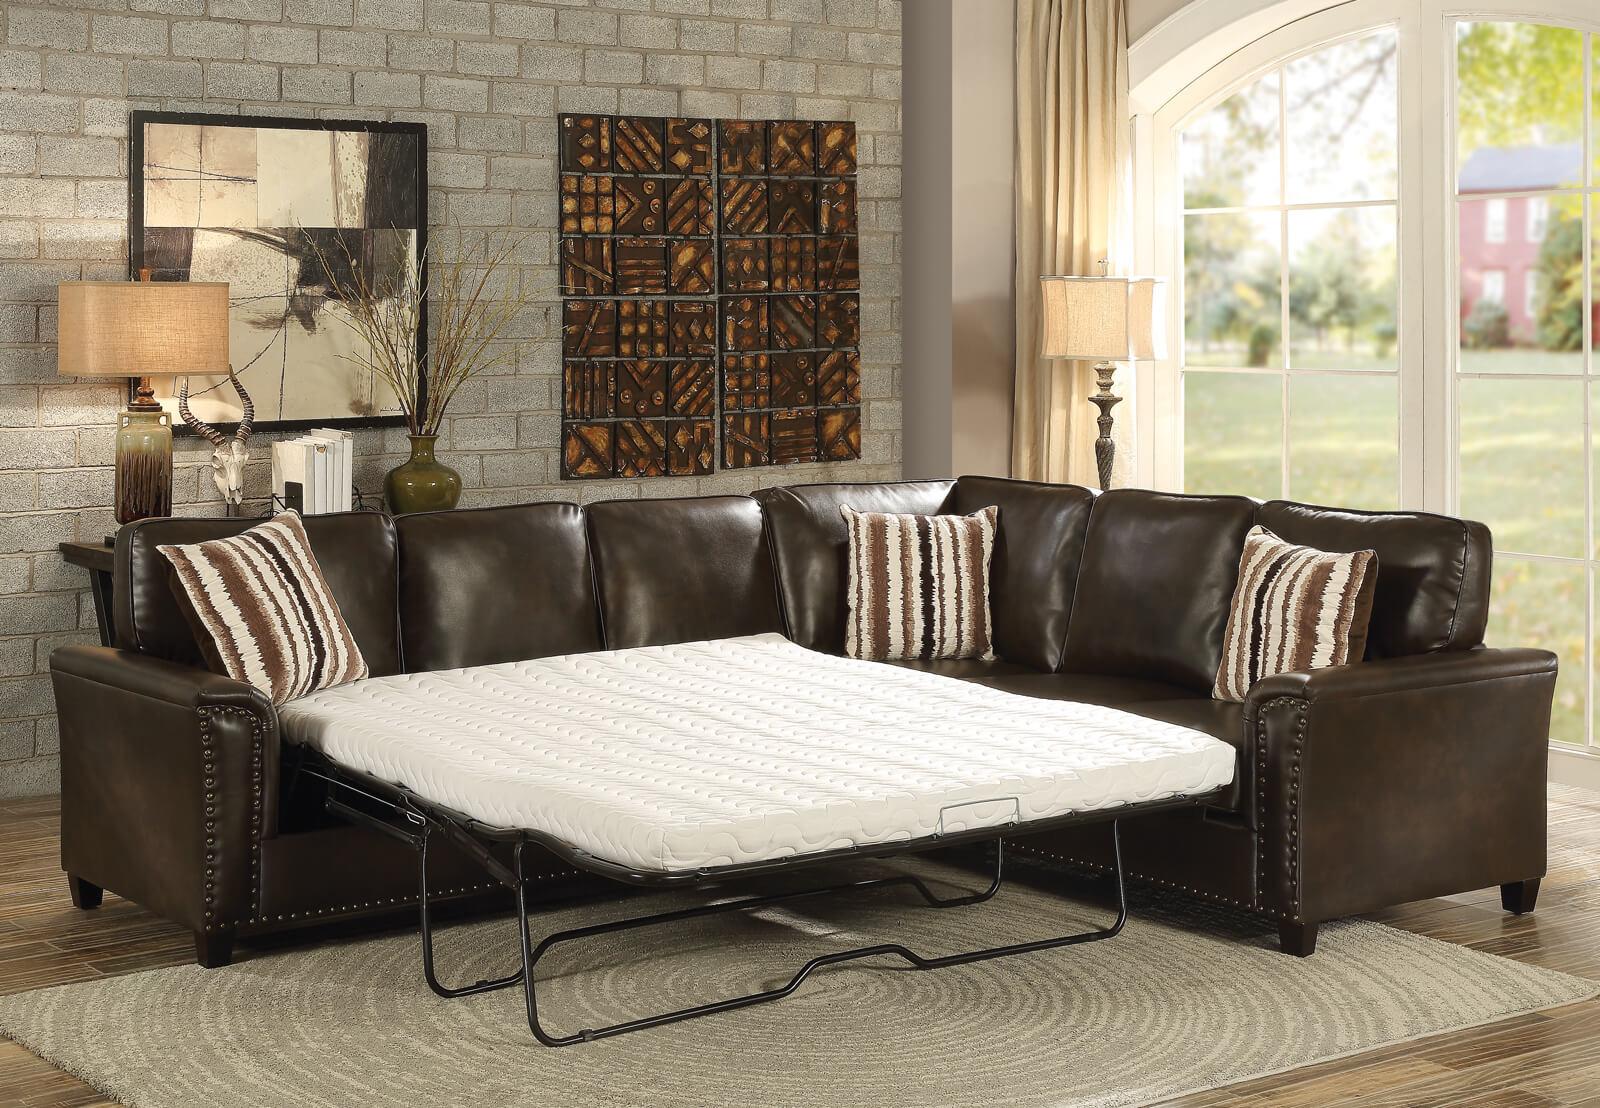 Dark Brown Sectional Sofa - HRC Furniture